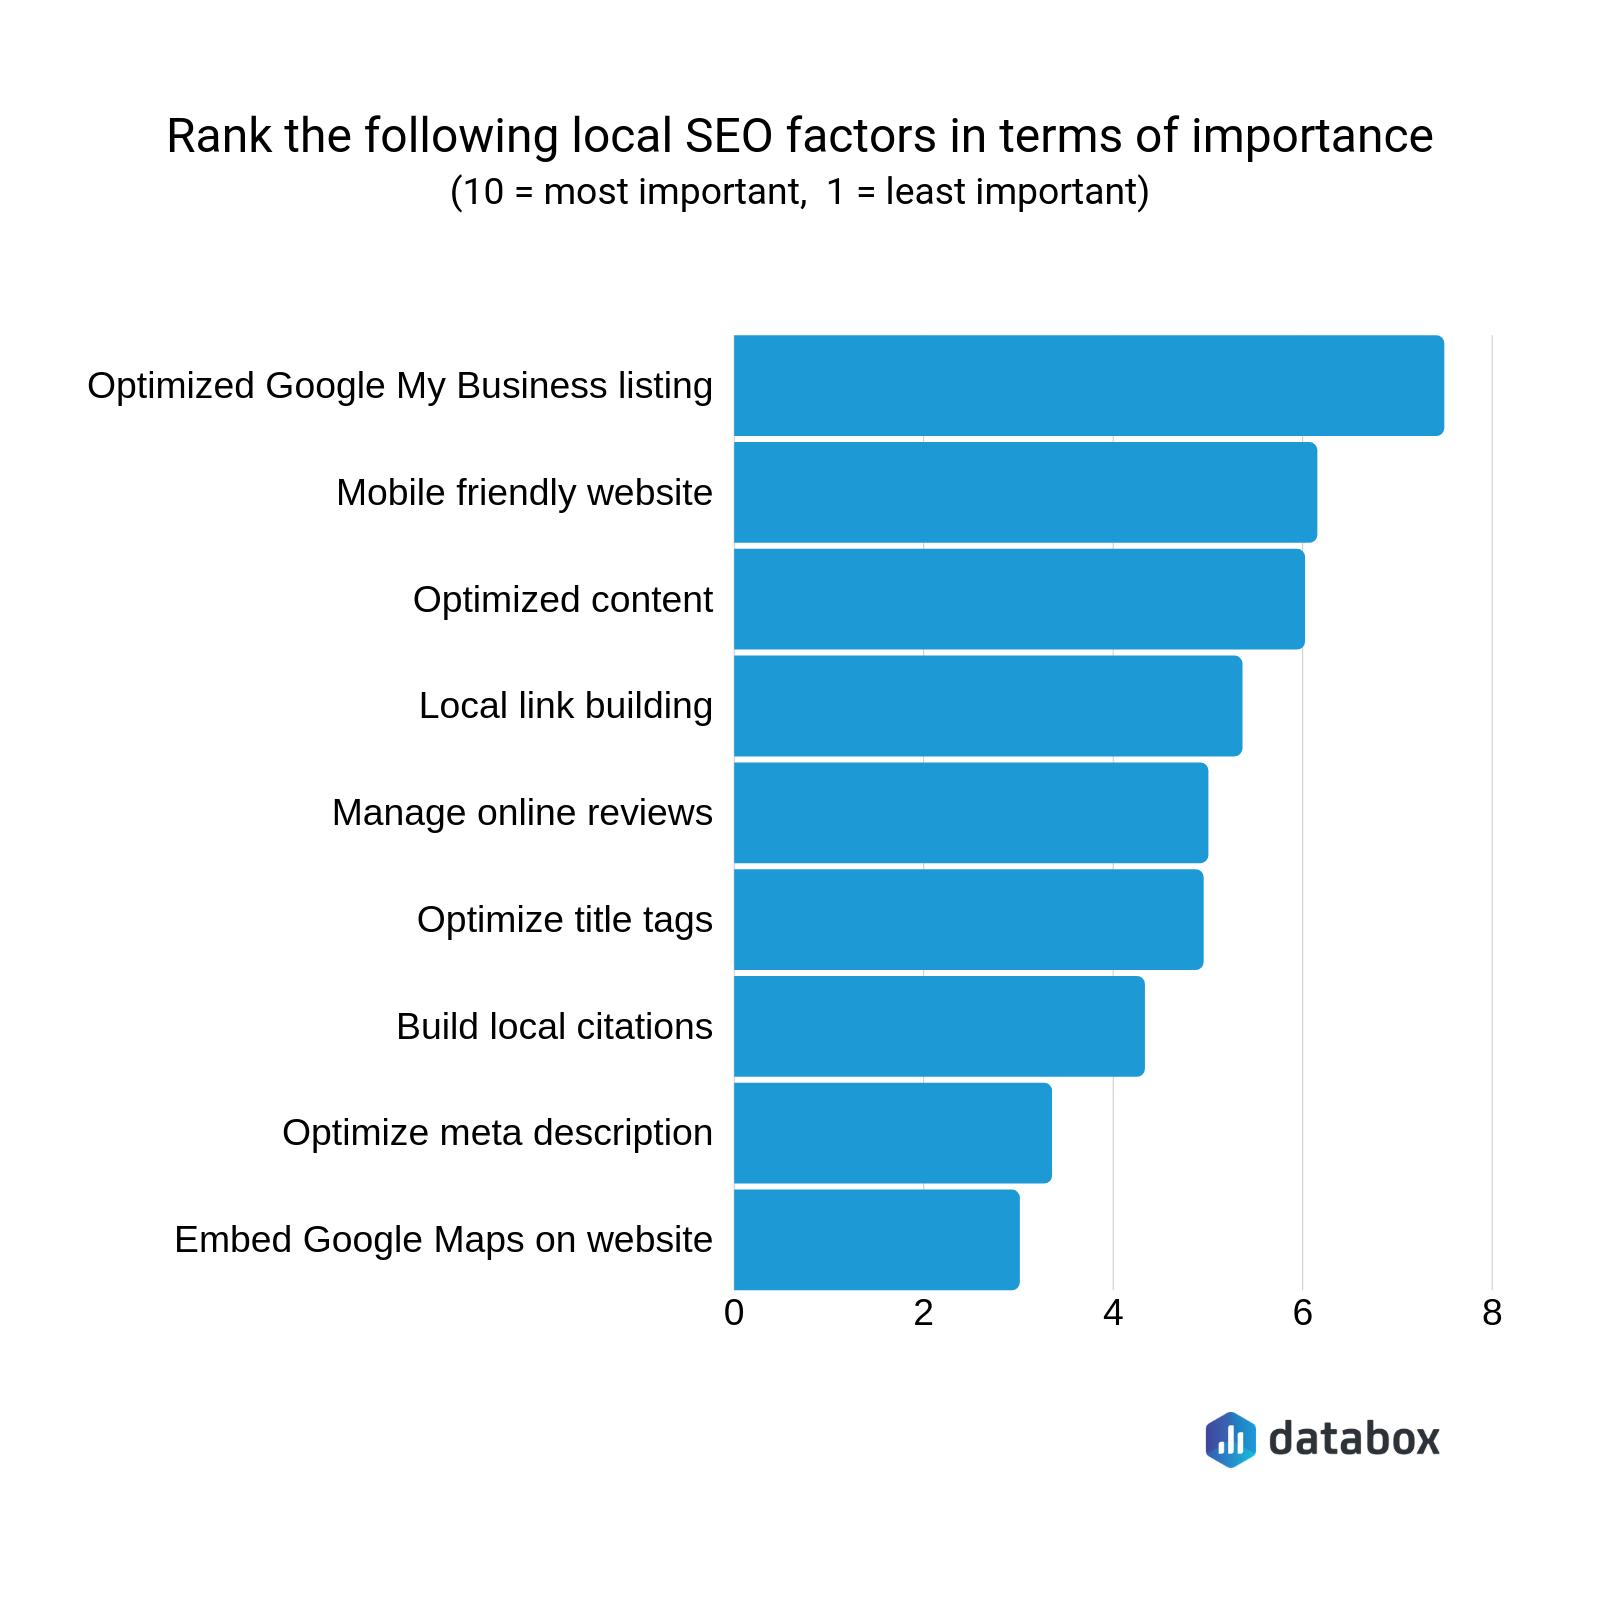 the most important local seo factors